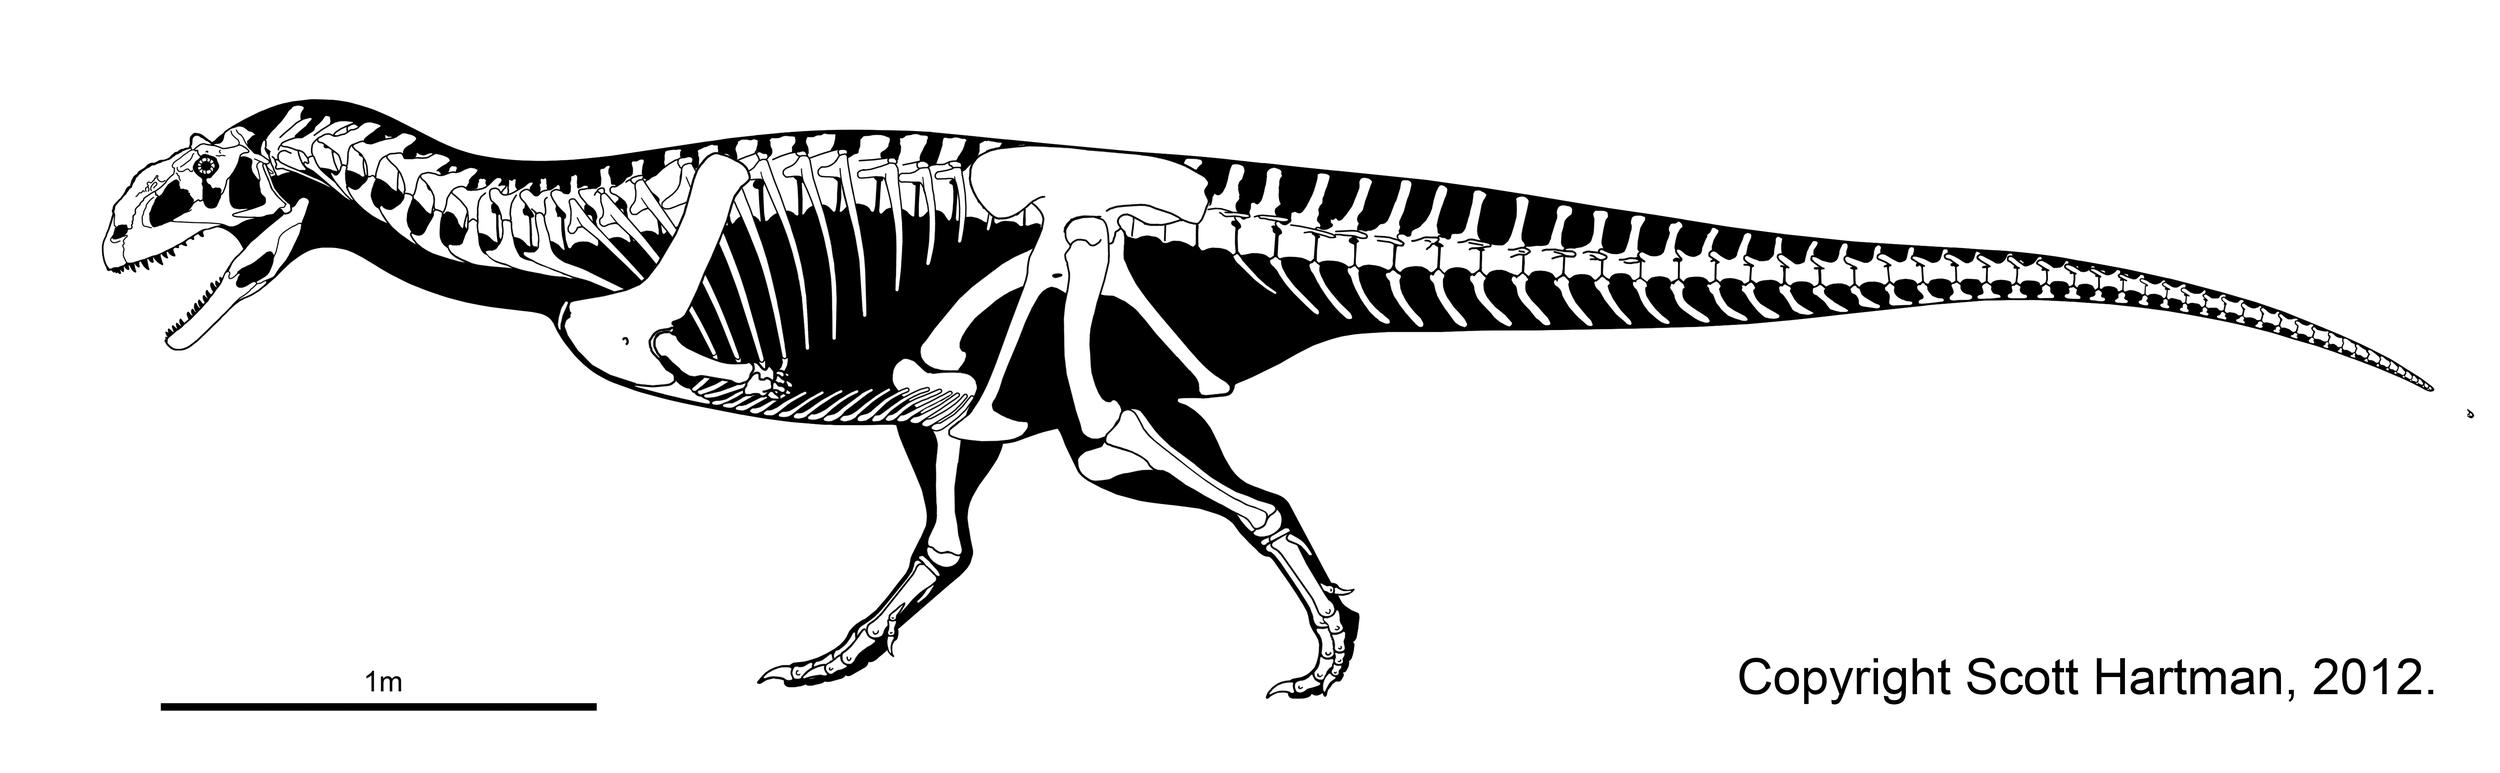 majungasaurus_updated.jpg